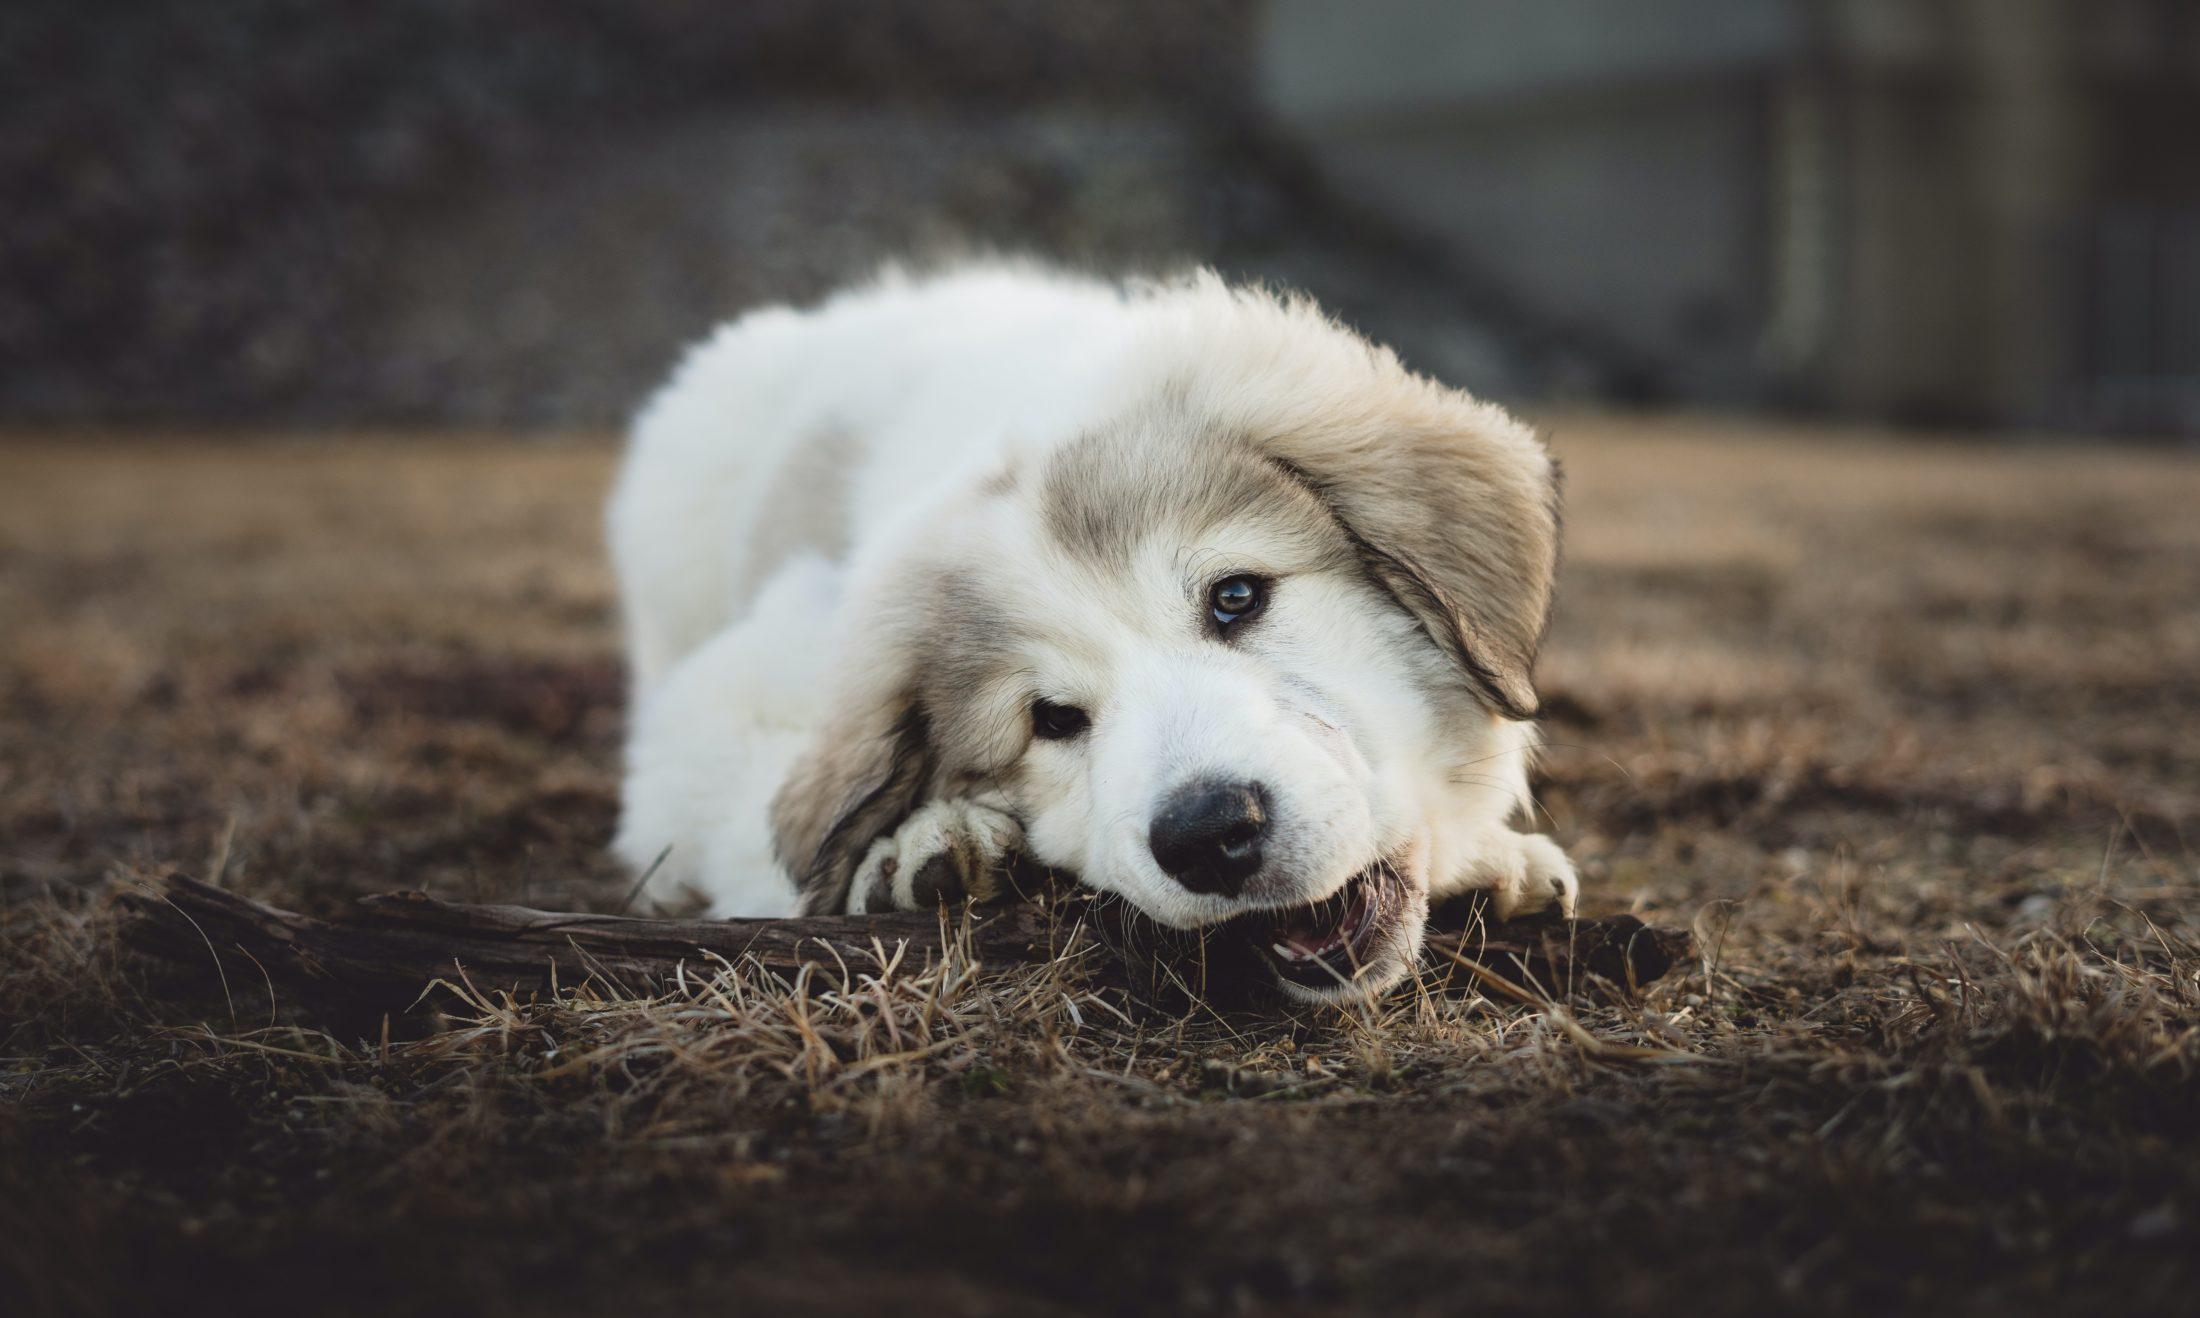 O instinto da ancestralidade com os lobos pode explicar porque cachorro come grama